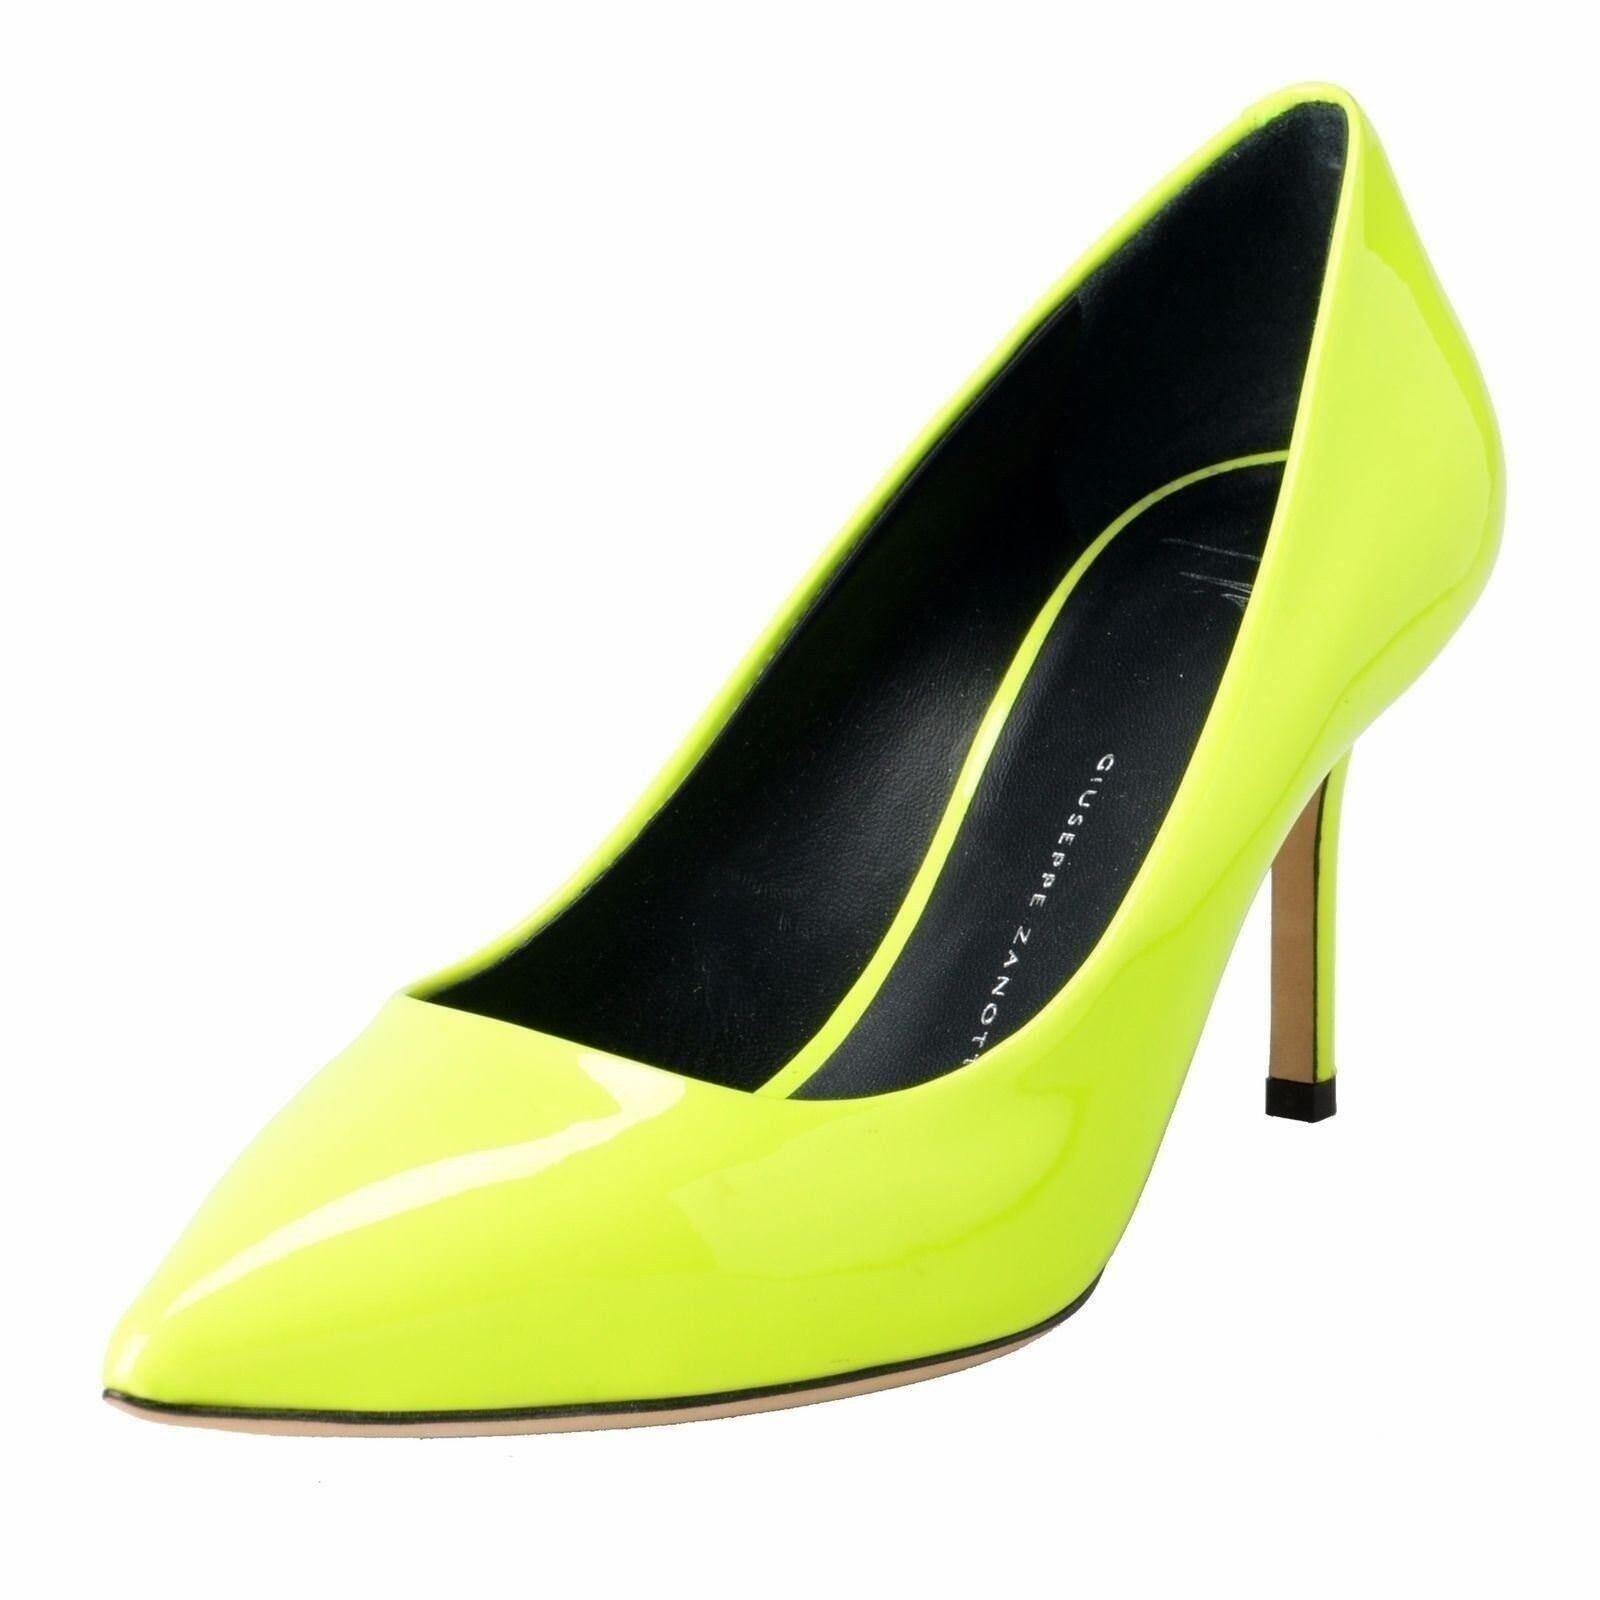 Giuseppe Zanotti Design Damen Limettengrün Pumps High Heels Schuhe US 5.5 It